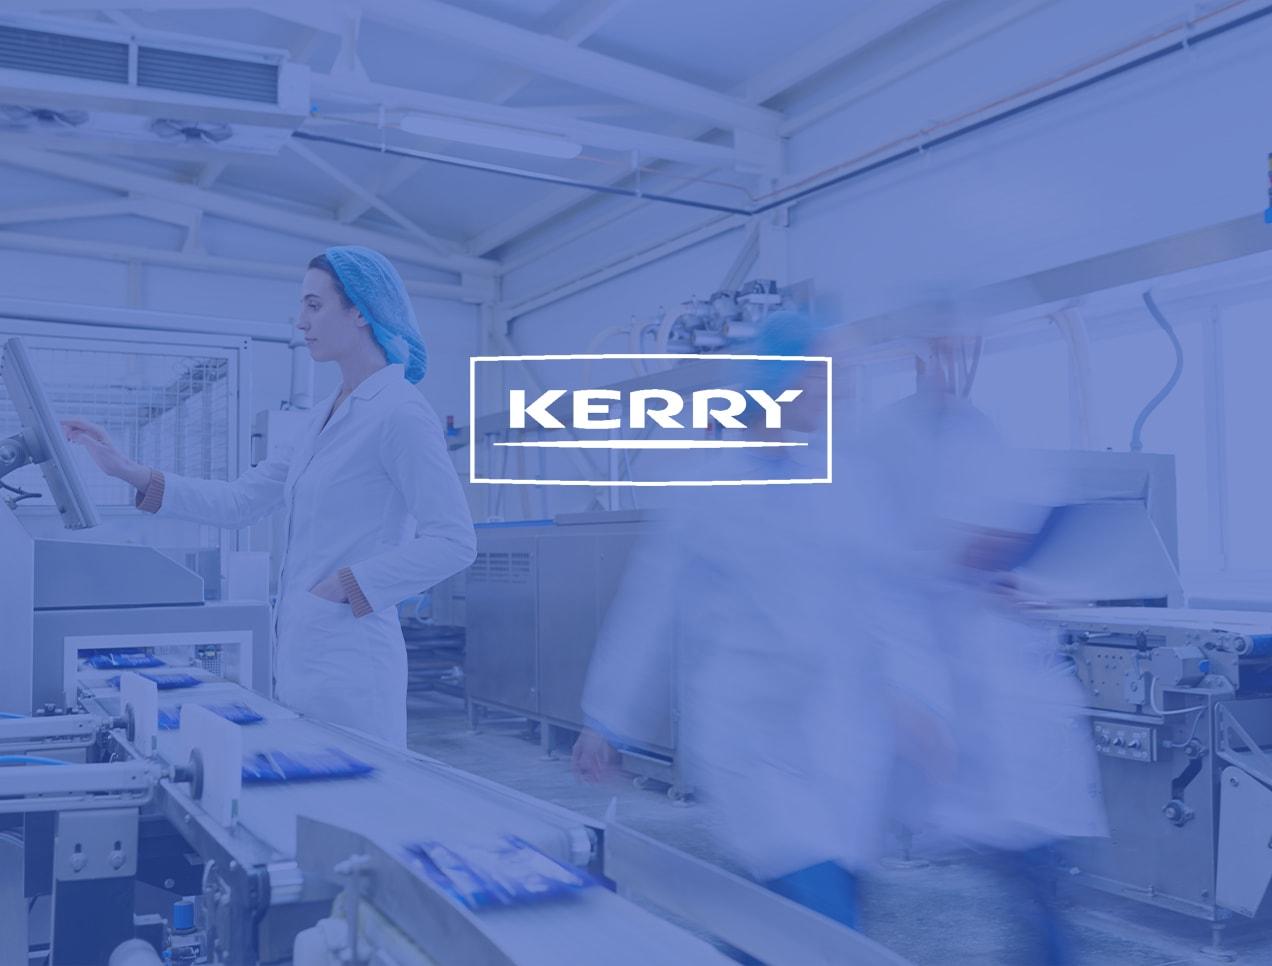 Kerry - Hoshin facilitation